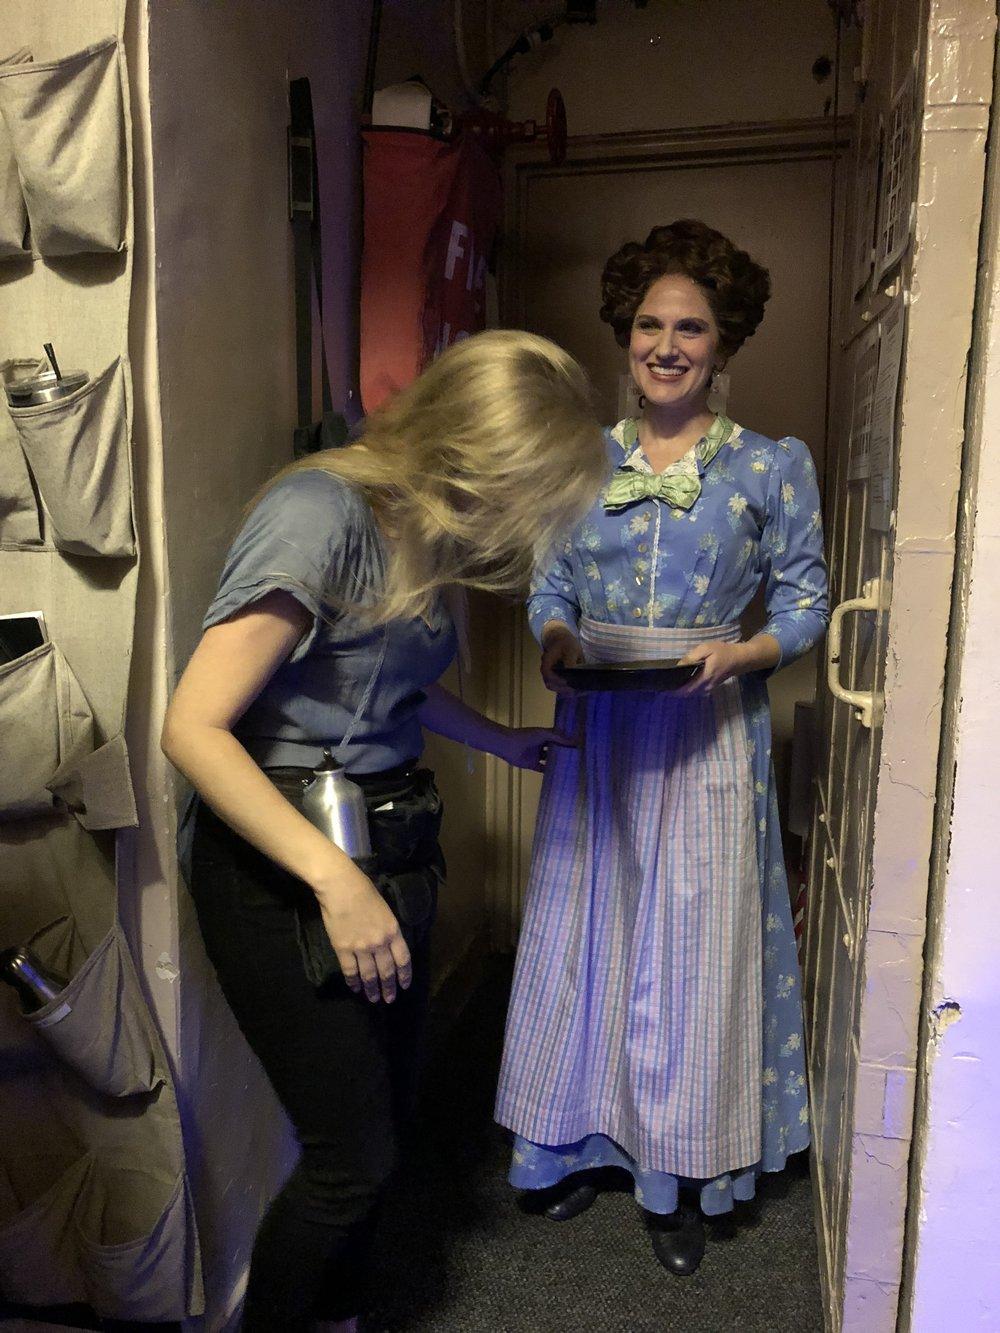 Nettie, Carousel, Broadway (with dresser Sara Darneille)